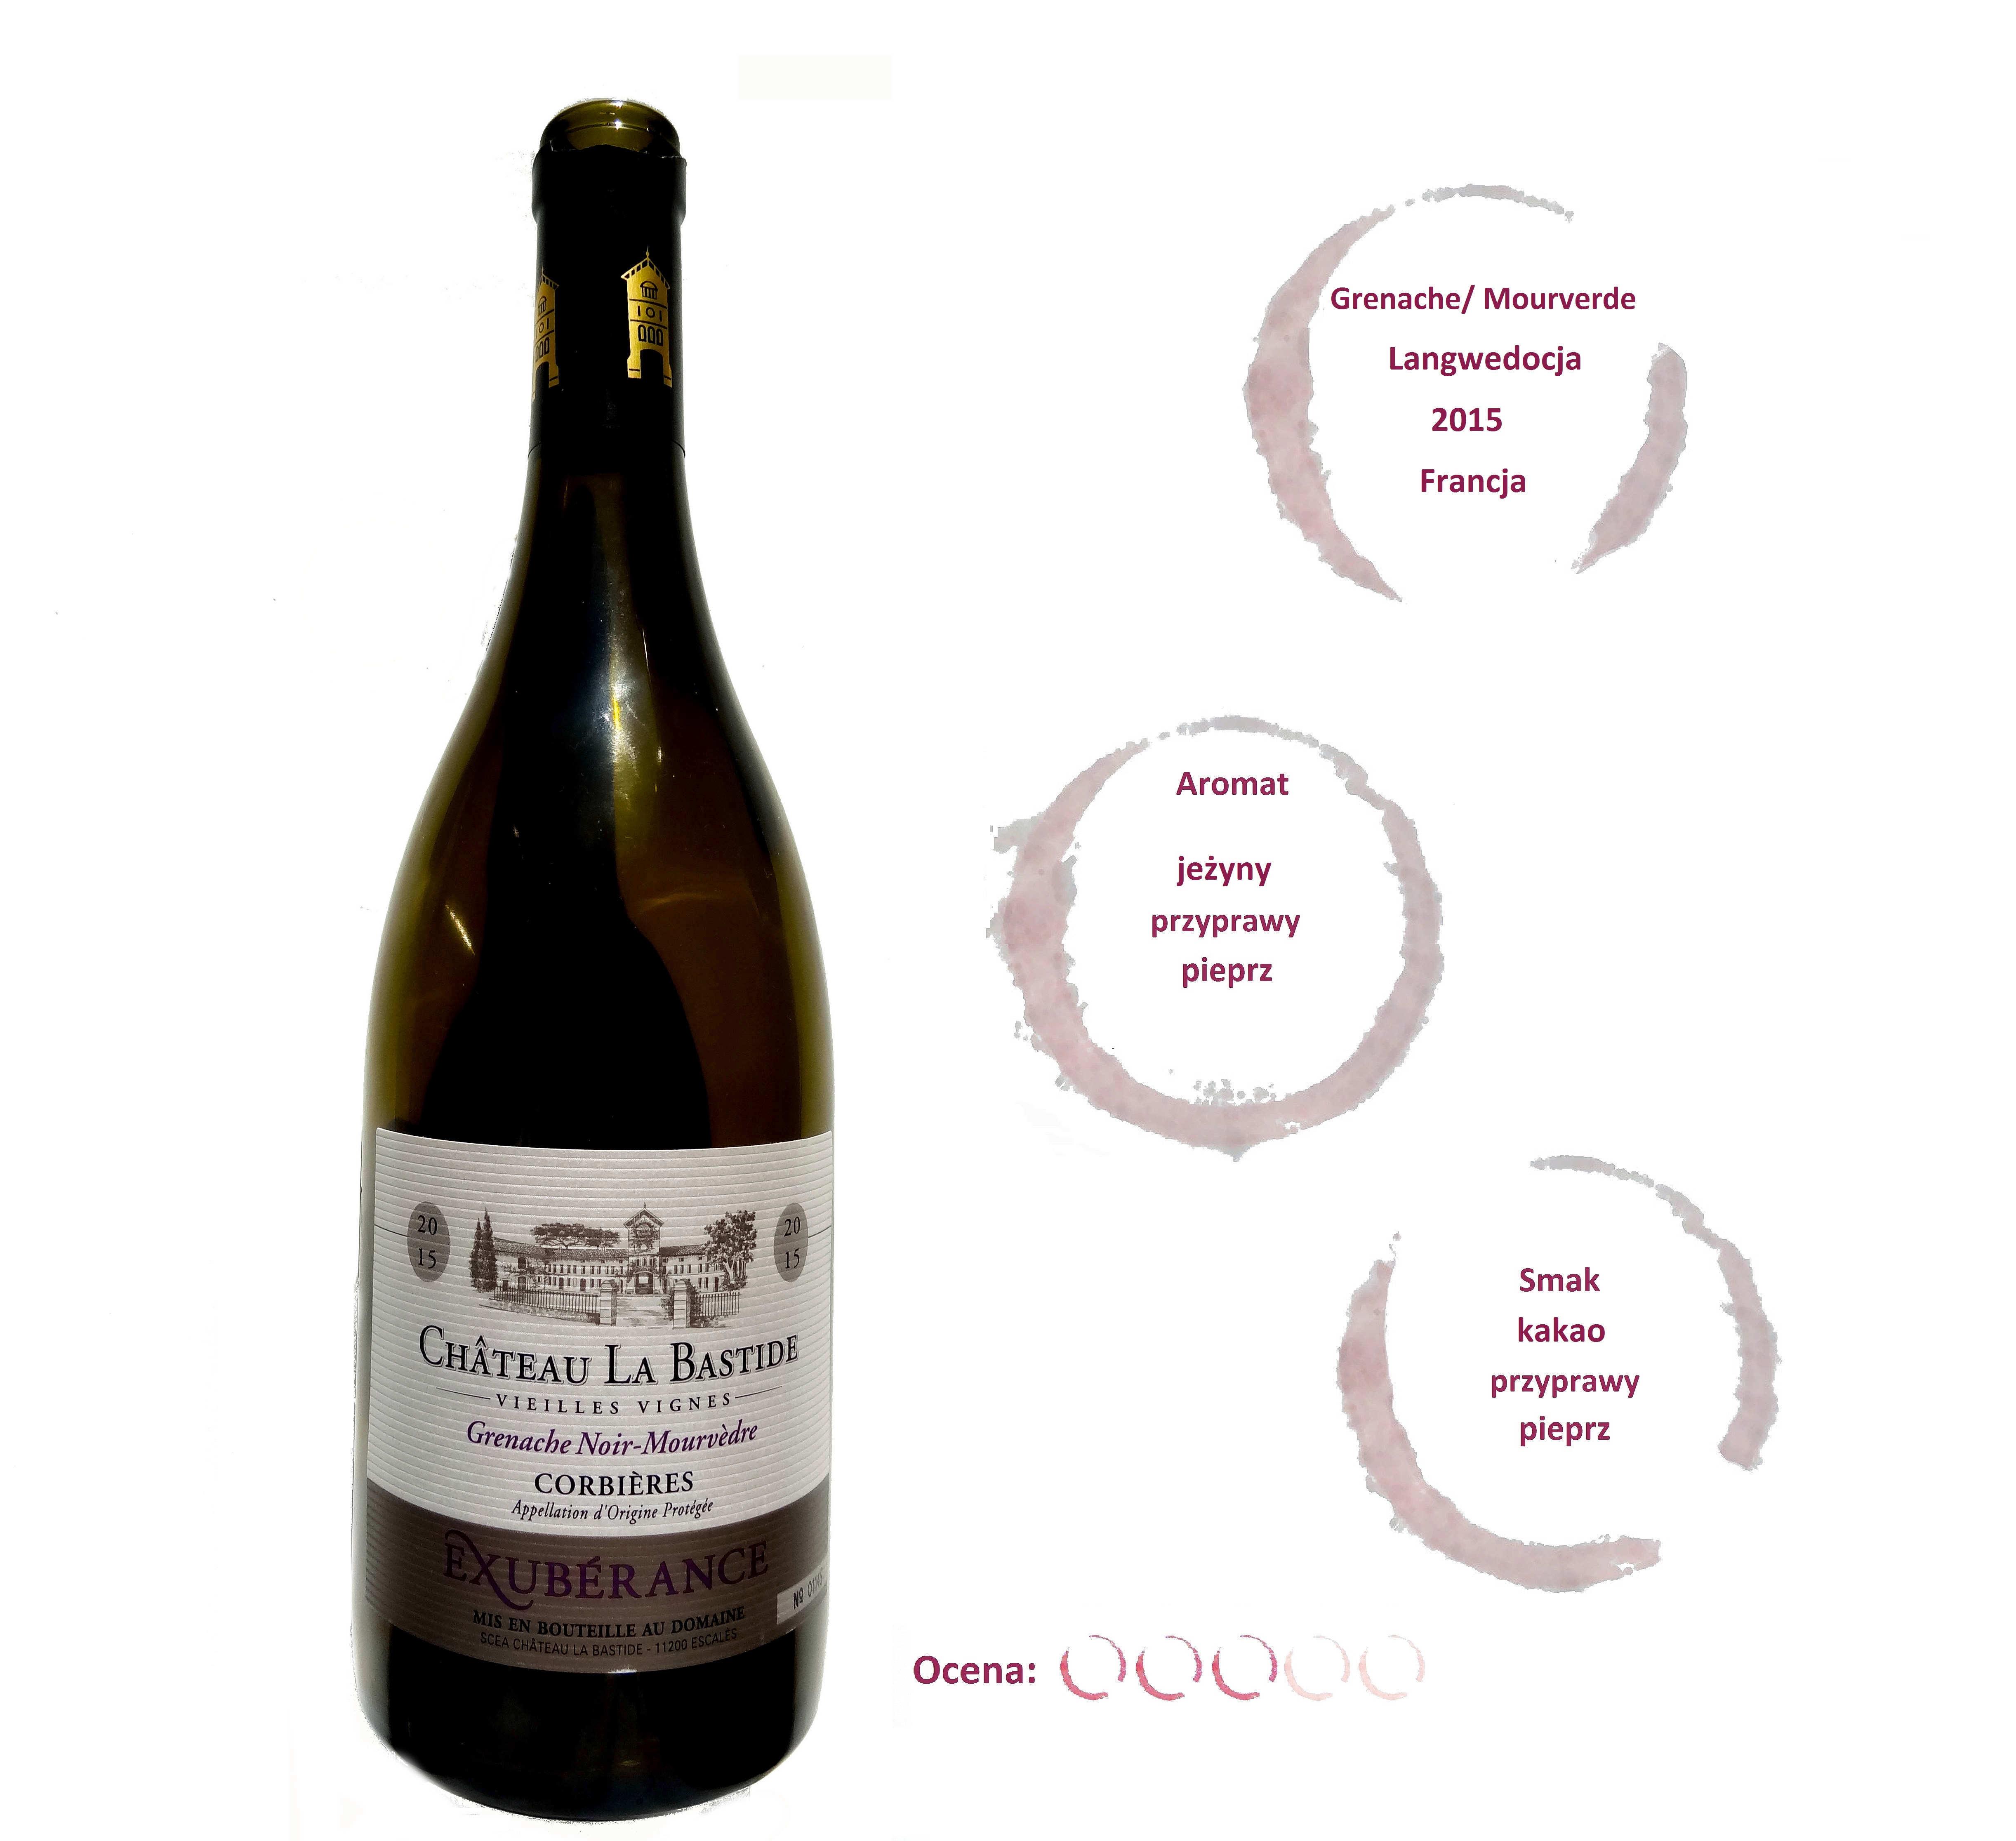 francuskie wino czerwone wytrawne wytrawne La Bastide Exubérance Corbières wine angellovesdreams